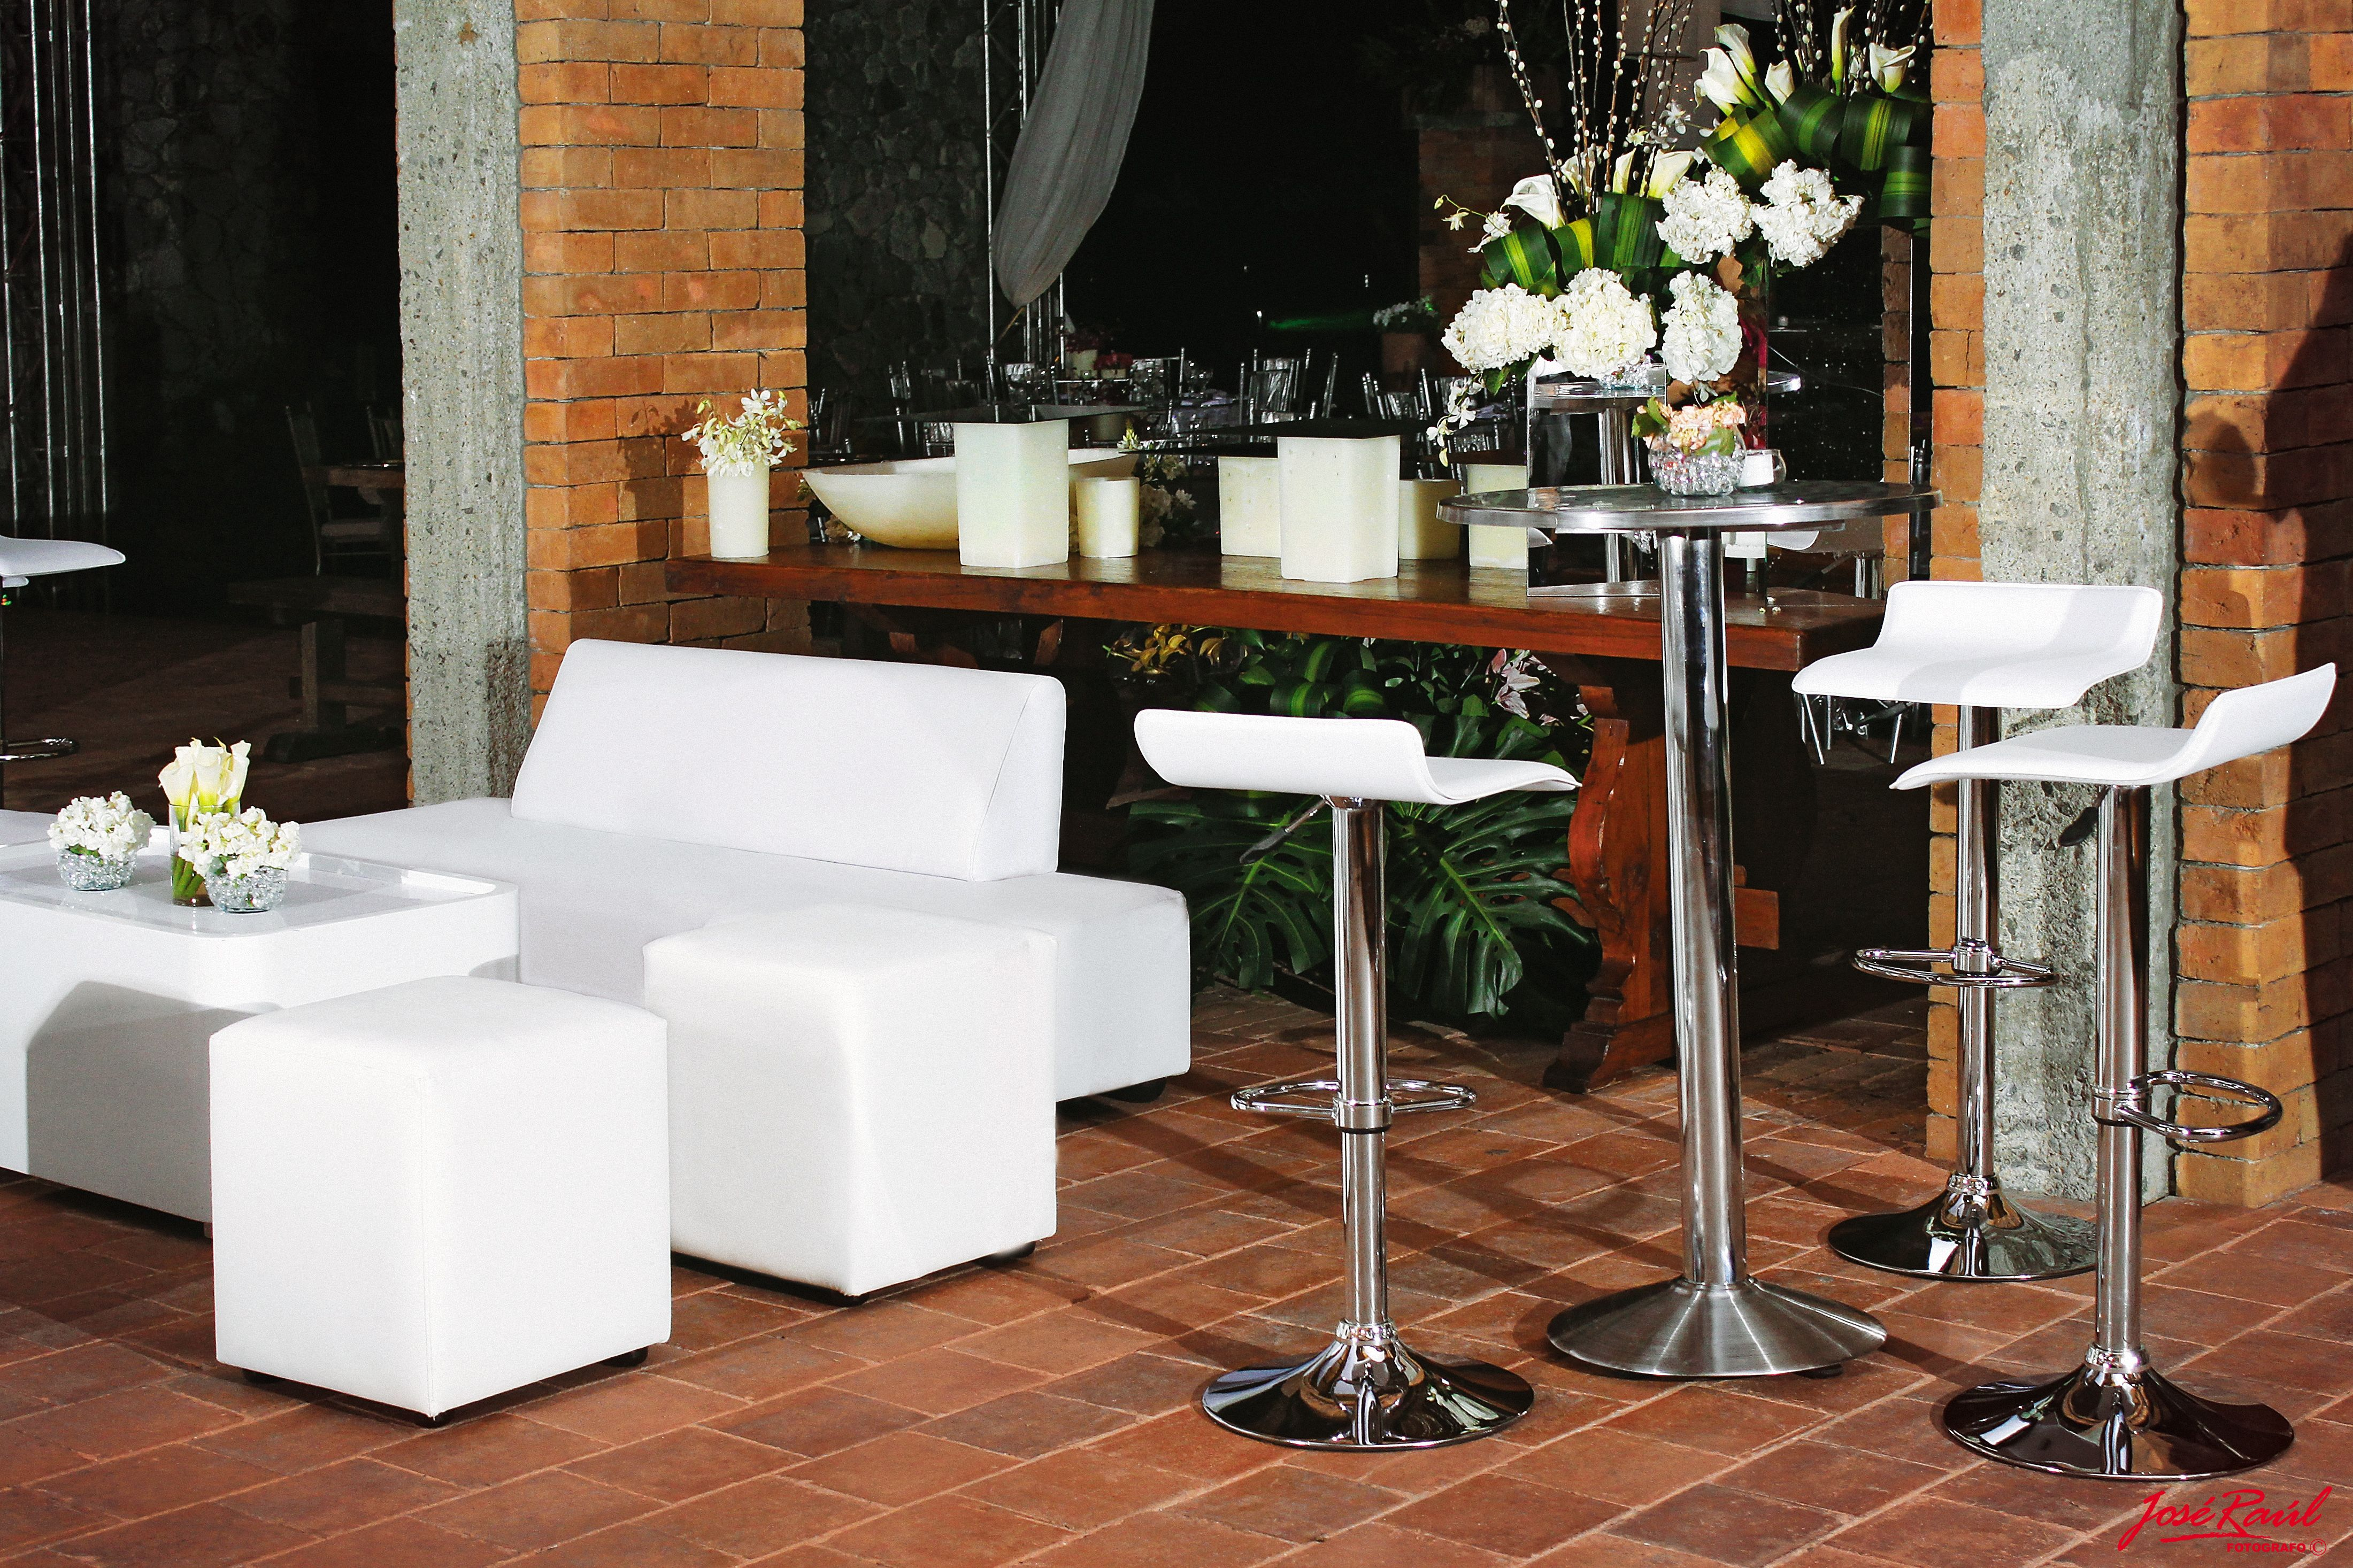 Mobiliario Lounge Blanco y mesa alta y sillas altas tipo bar ideales para Bodas  nickole  Table Home Decor y Furniture